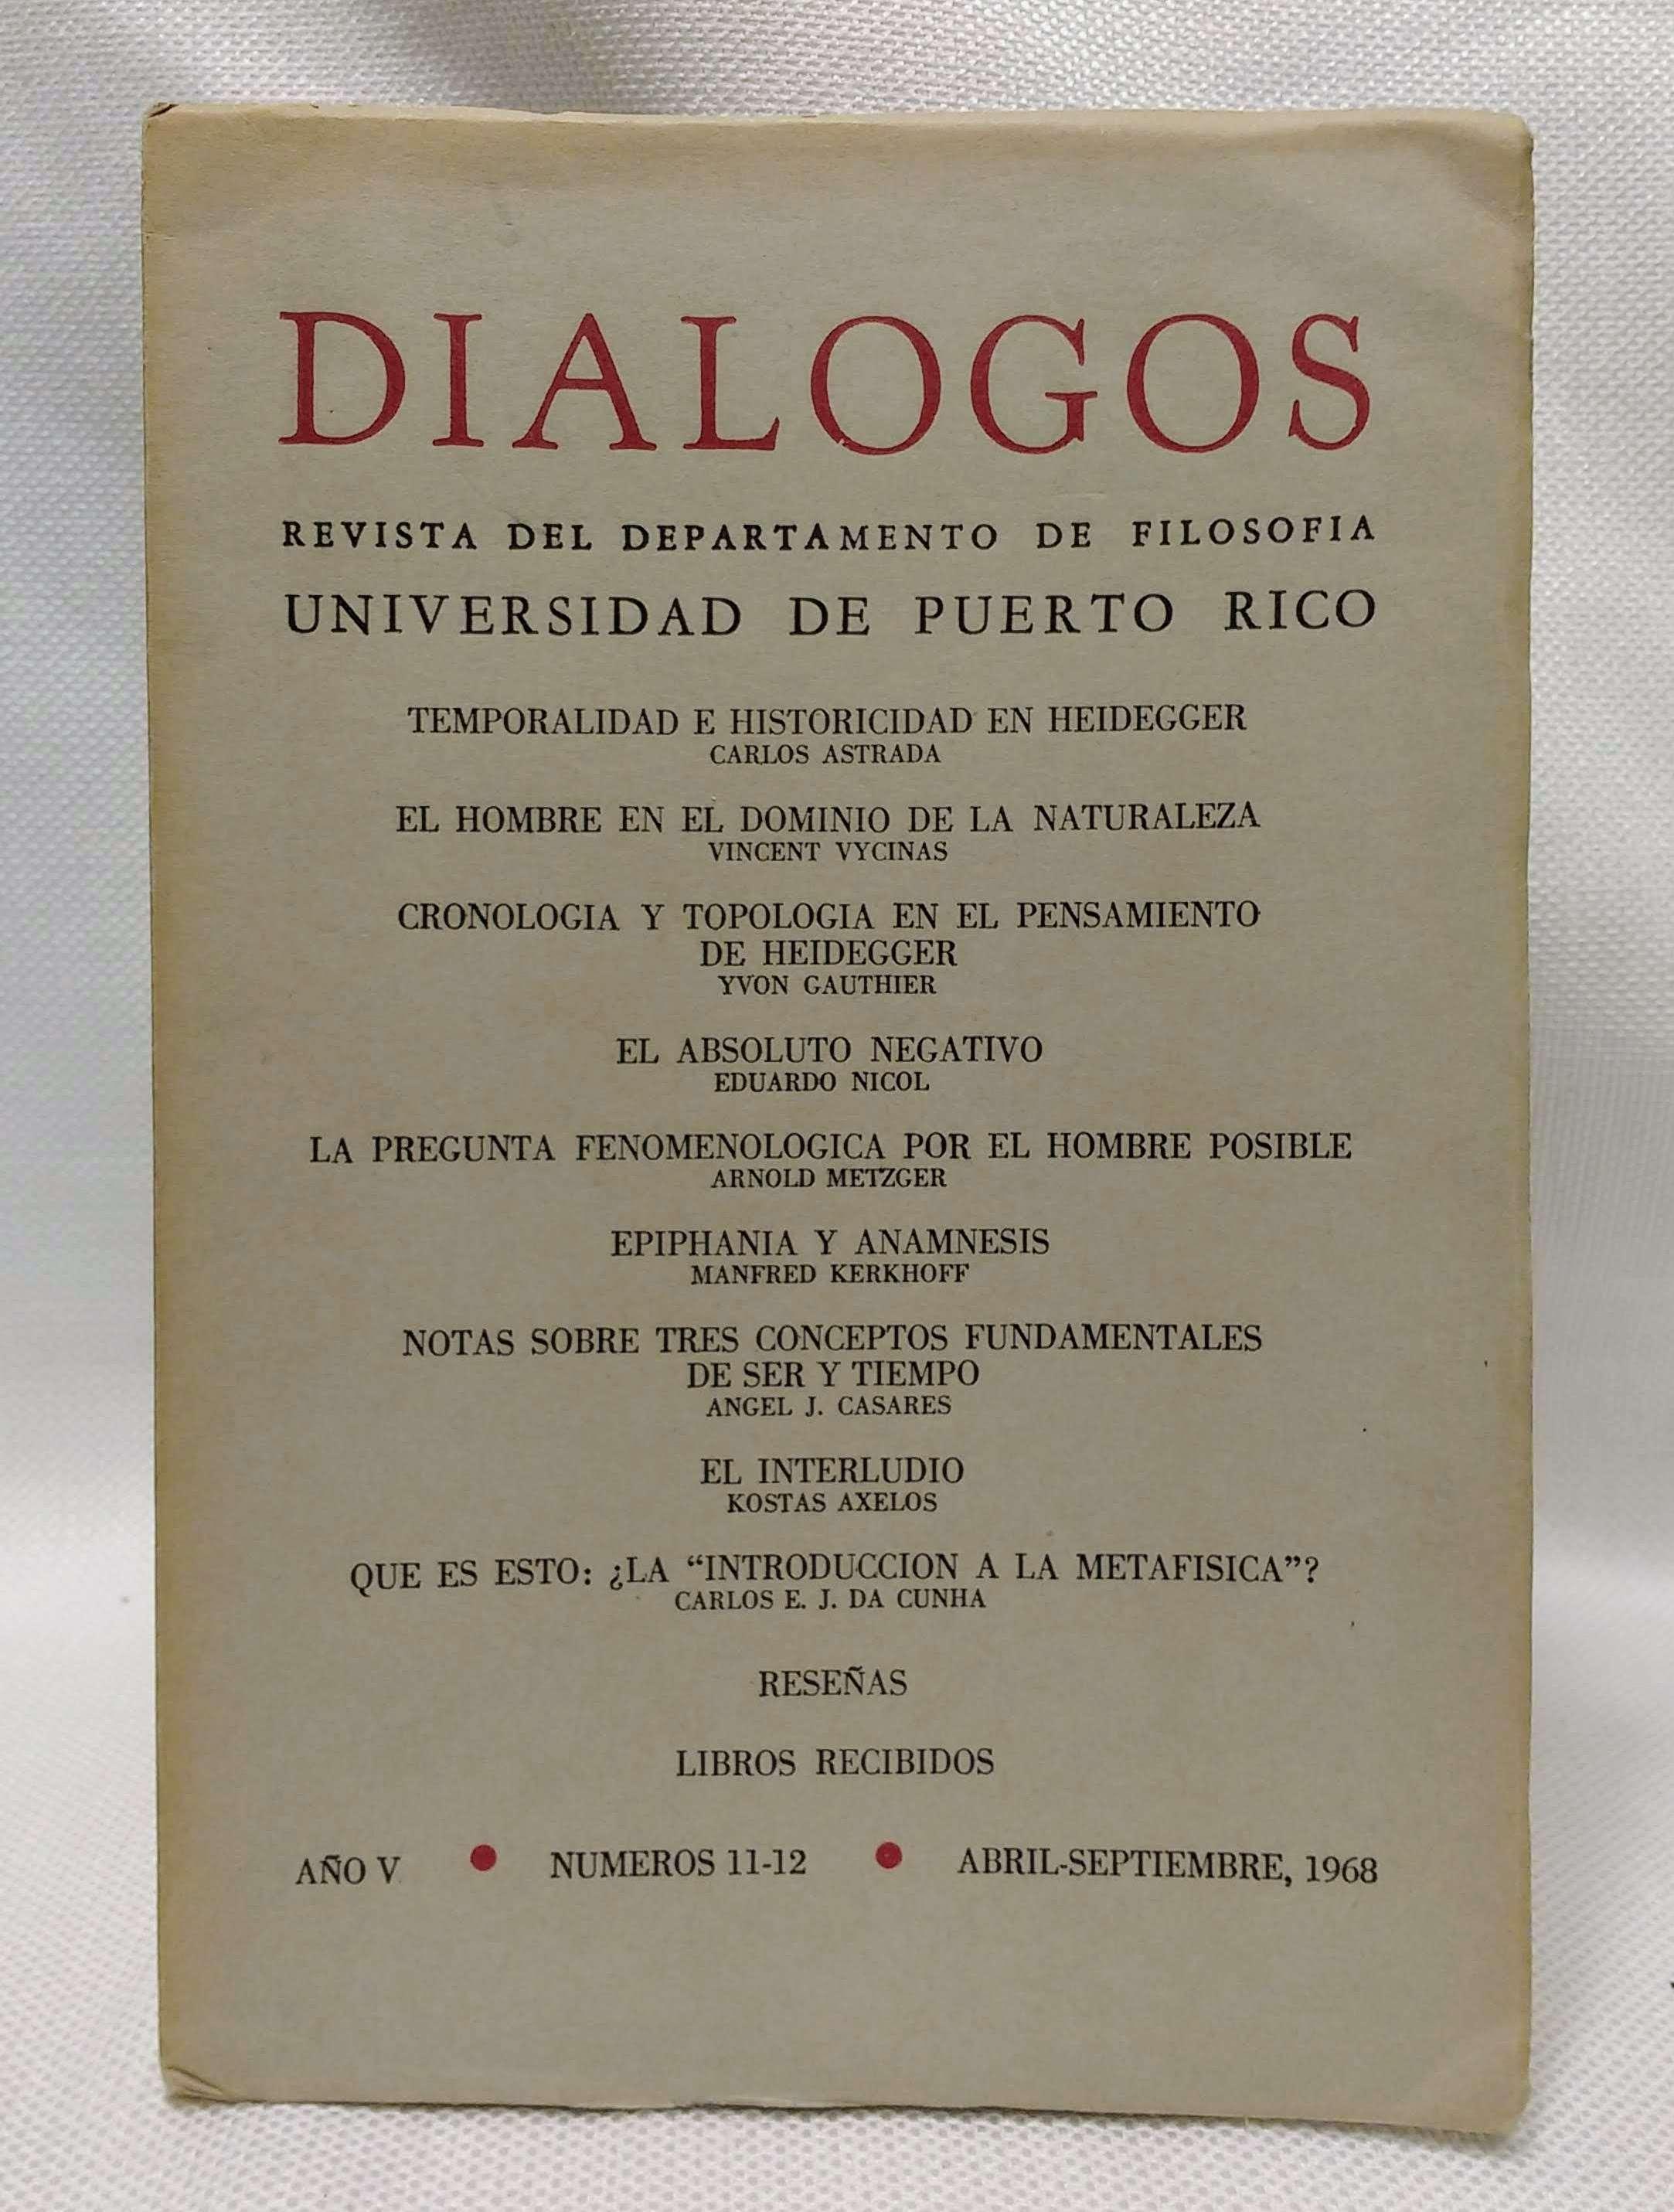 Dialogos: Revista del departamento de filosofia (Universidad de Puerto Rico), Año V, Num. 11-12, abril-septiembre 1968, Schajowicz, Ludwig [Editor]